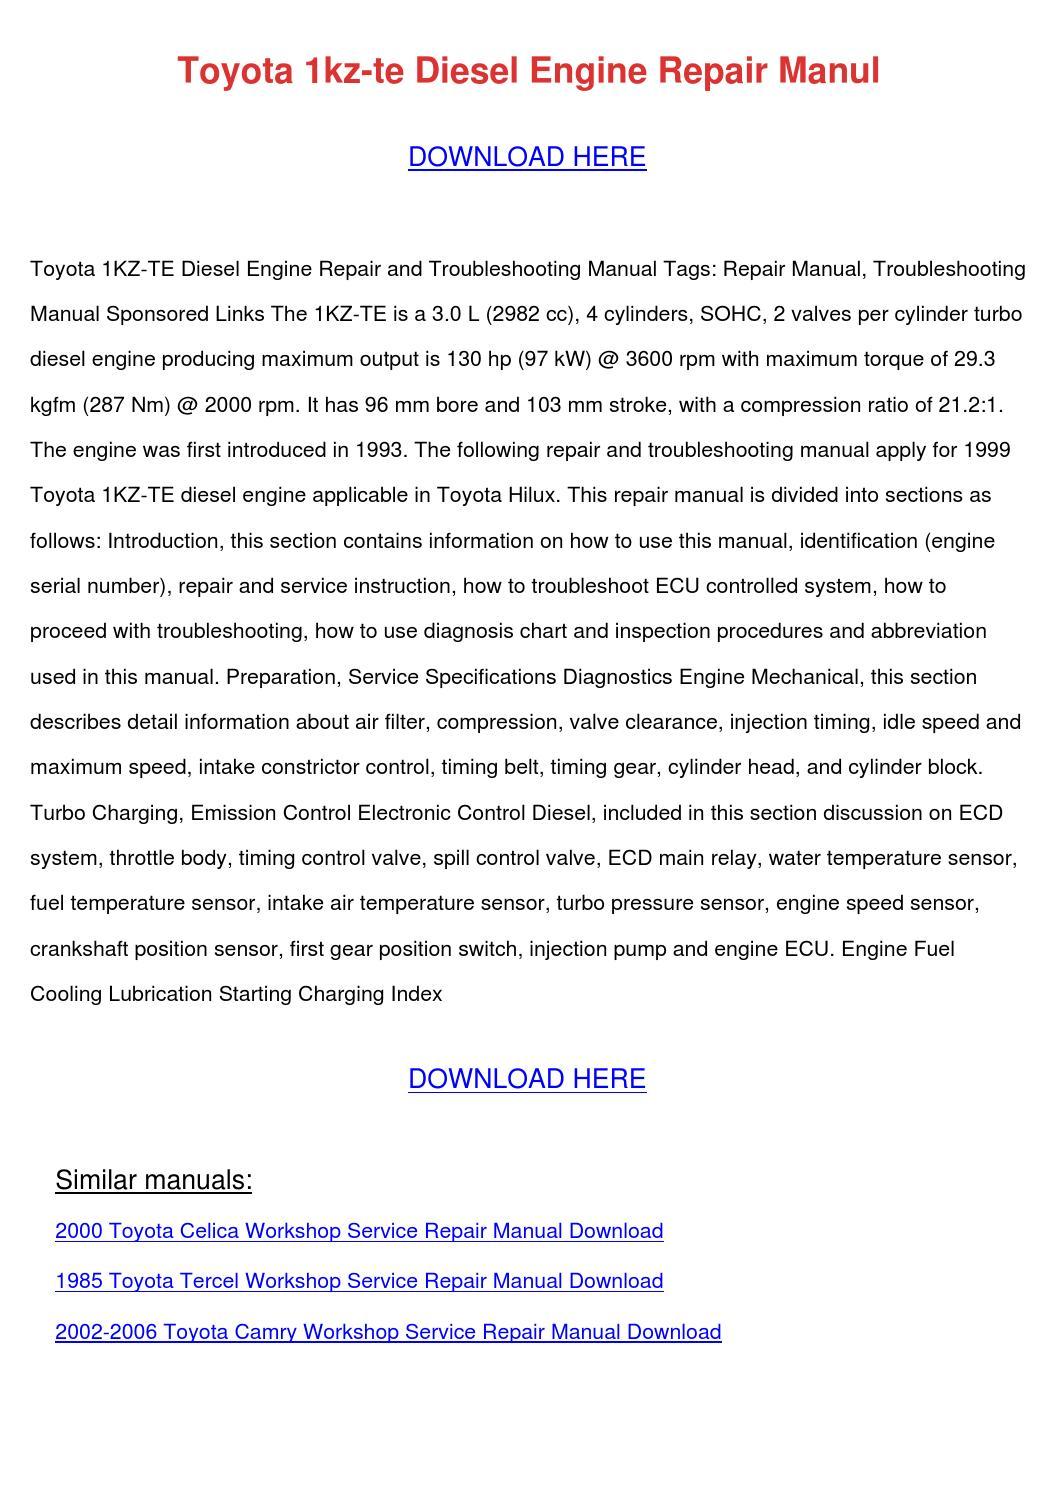 Toyota 1kz Te Diesel Engine Repair Manul by CarlotaBledsoe